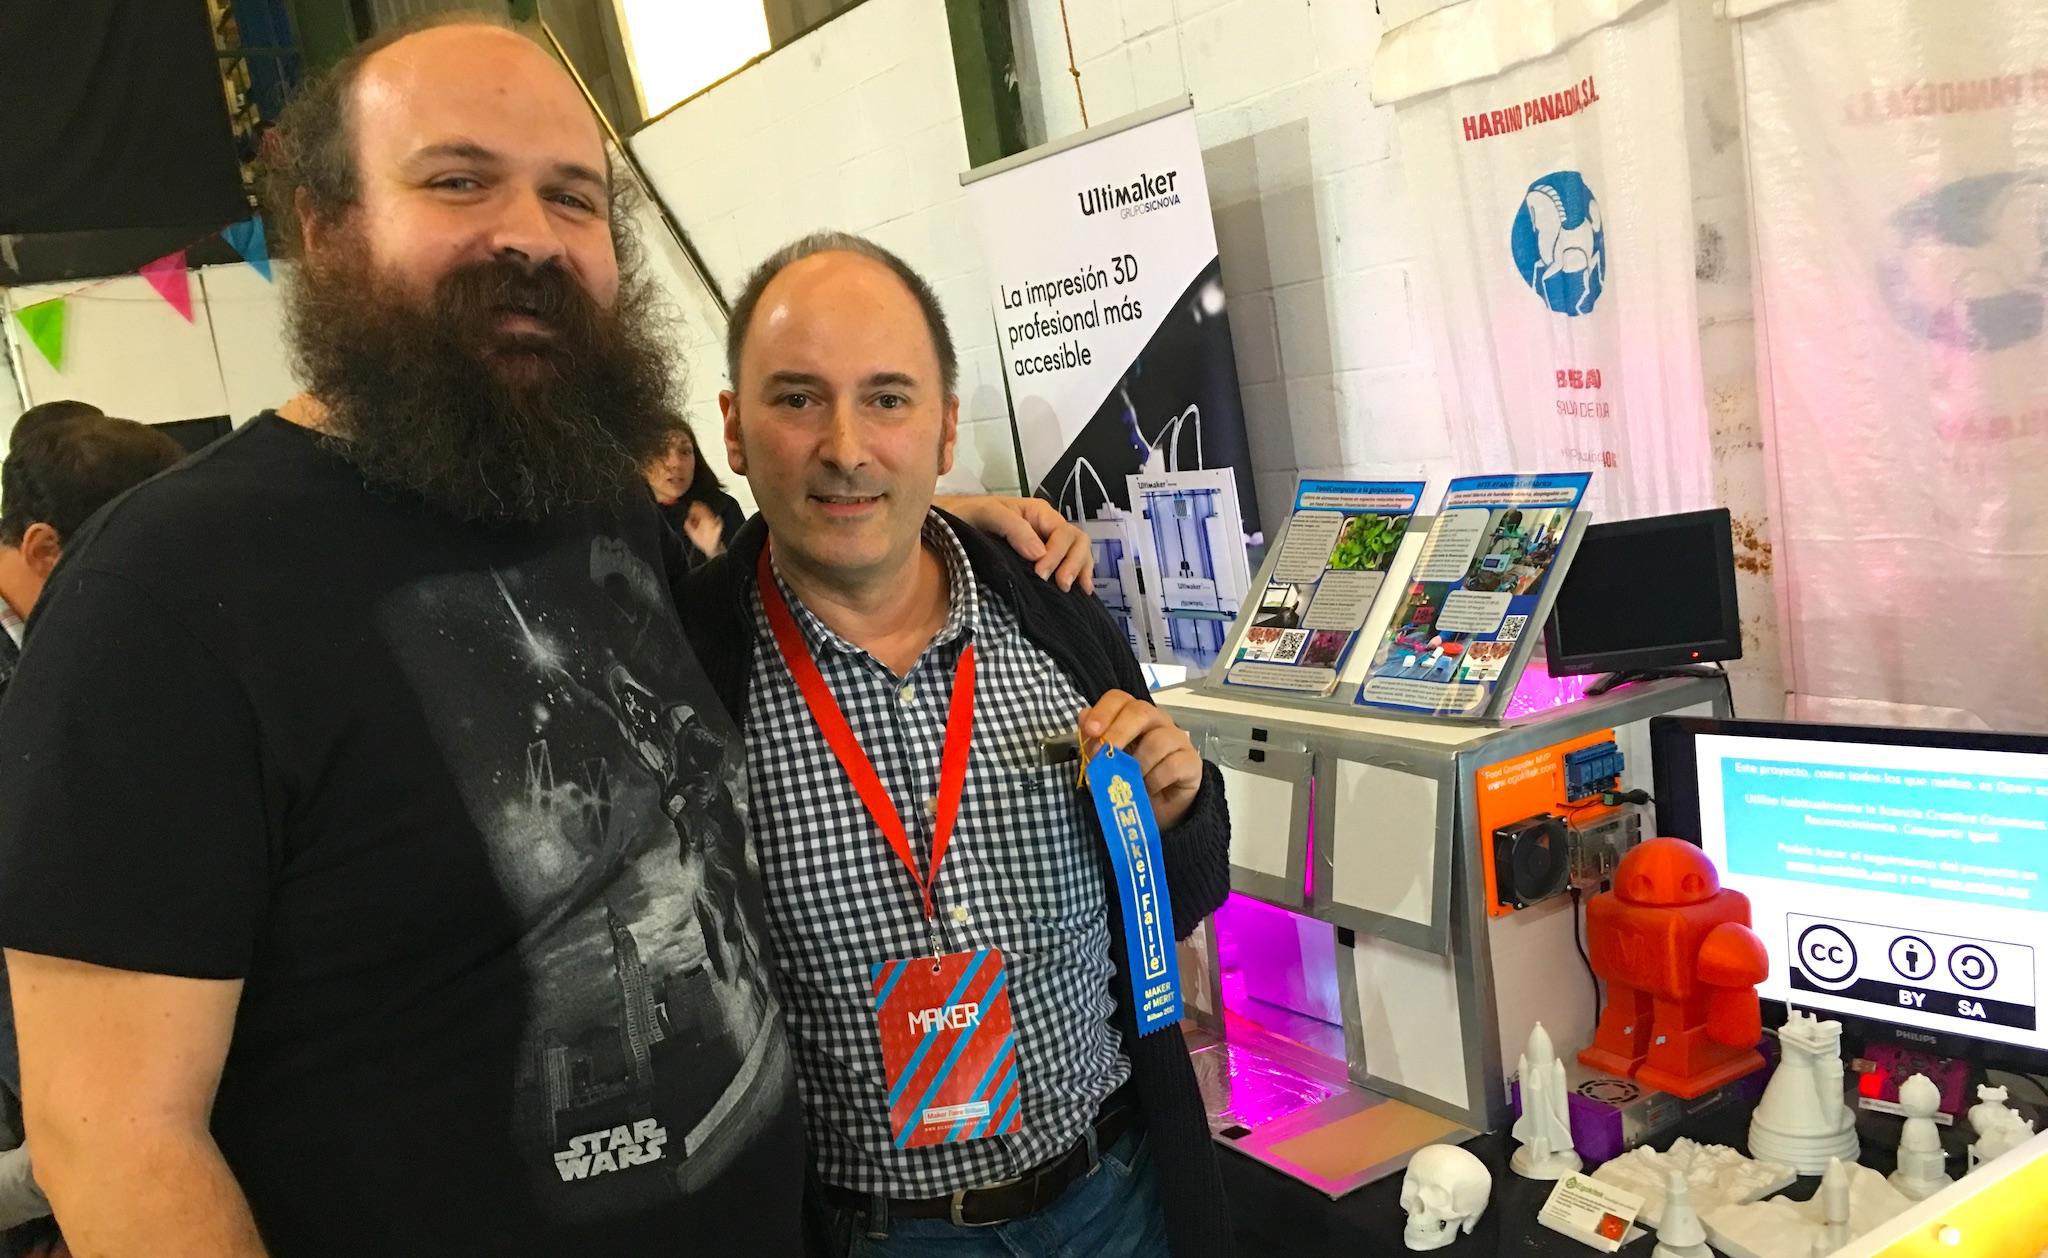 Victor Barahona y su Food Computer premiadas en Maker Faire Bilbao 2017